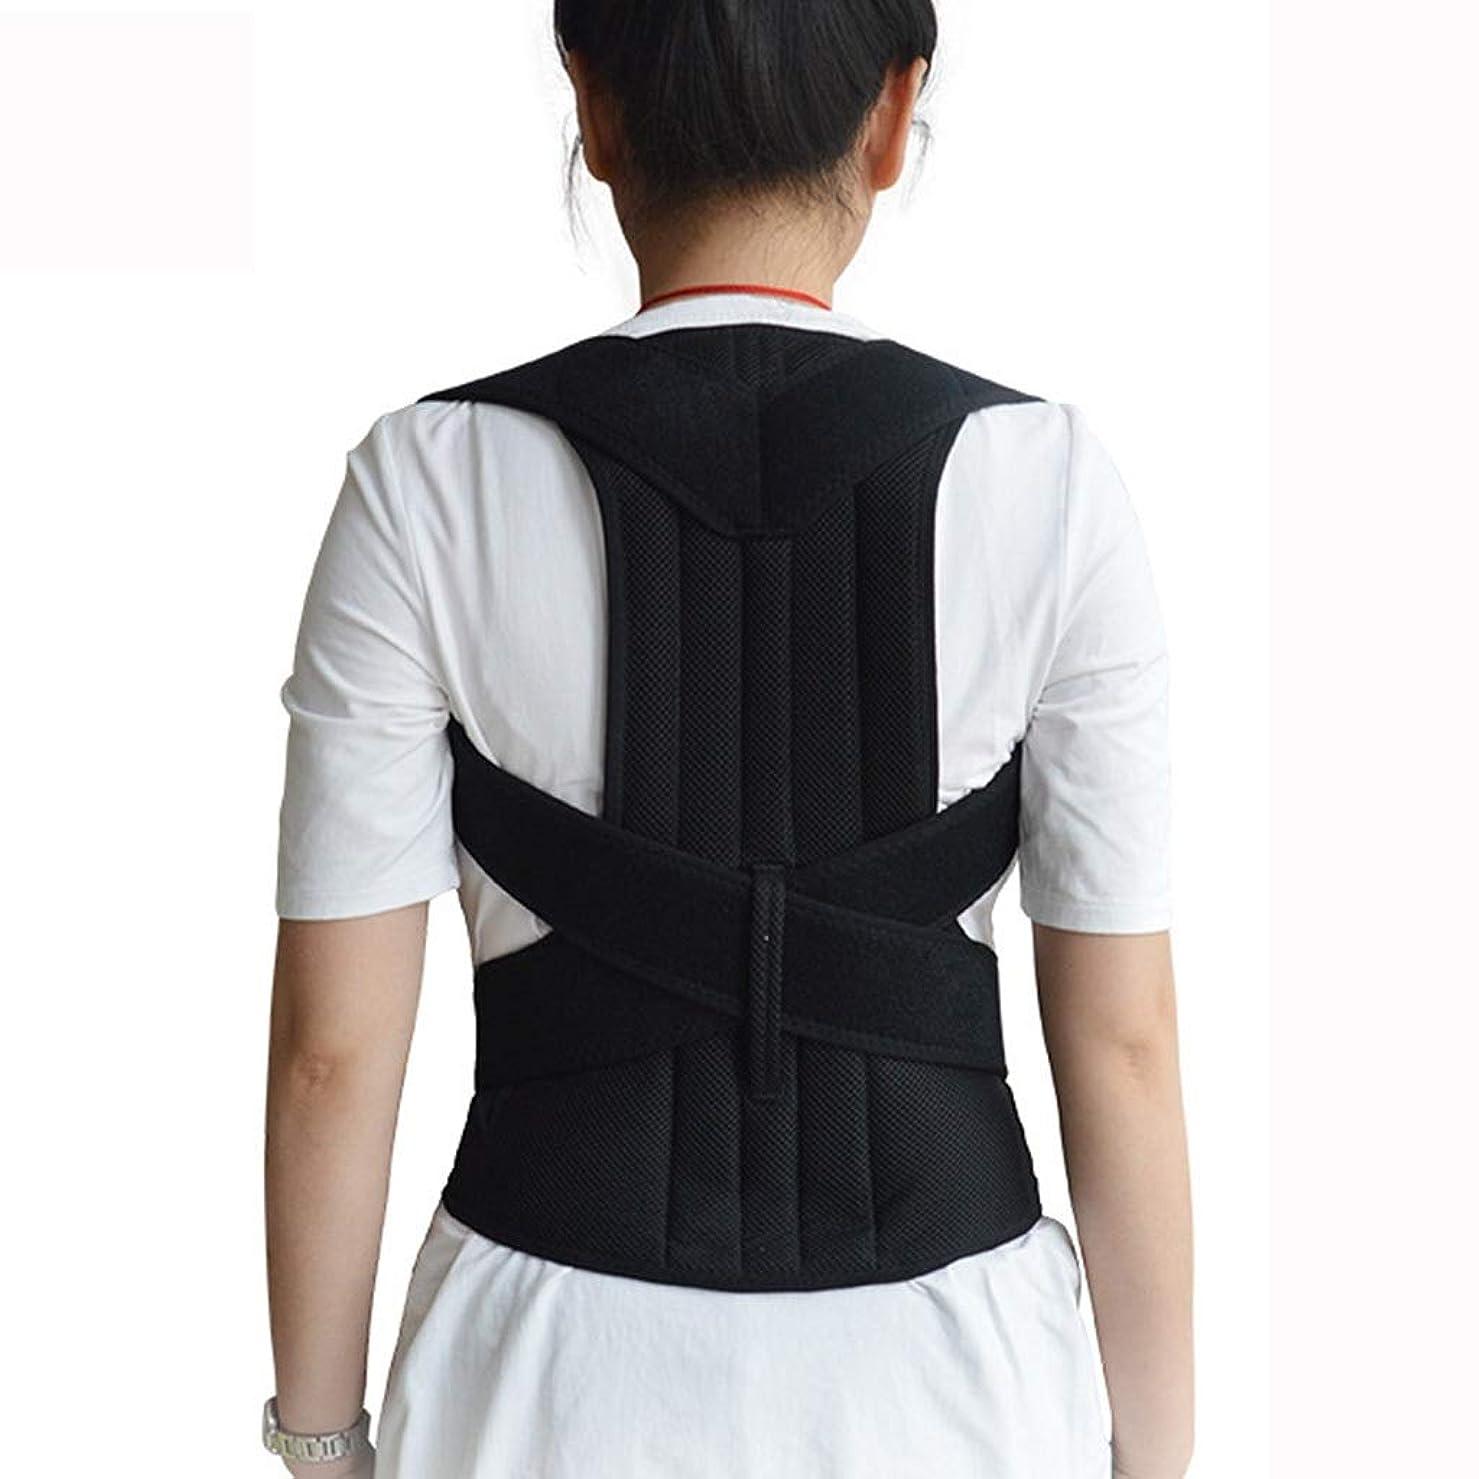 矩形上ドロー背もたれ支持姿勢装具ユニセックスアンチハンプバック補正ブラケット